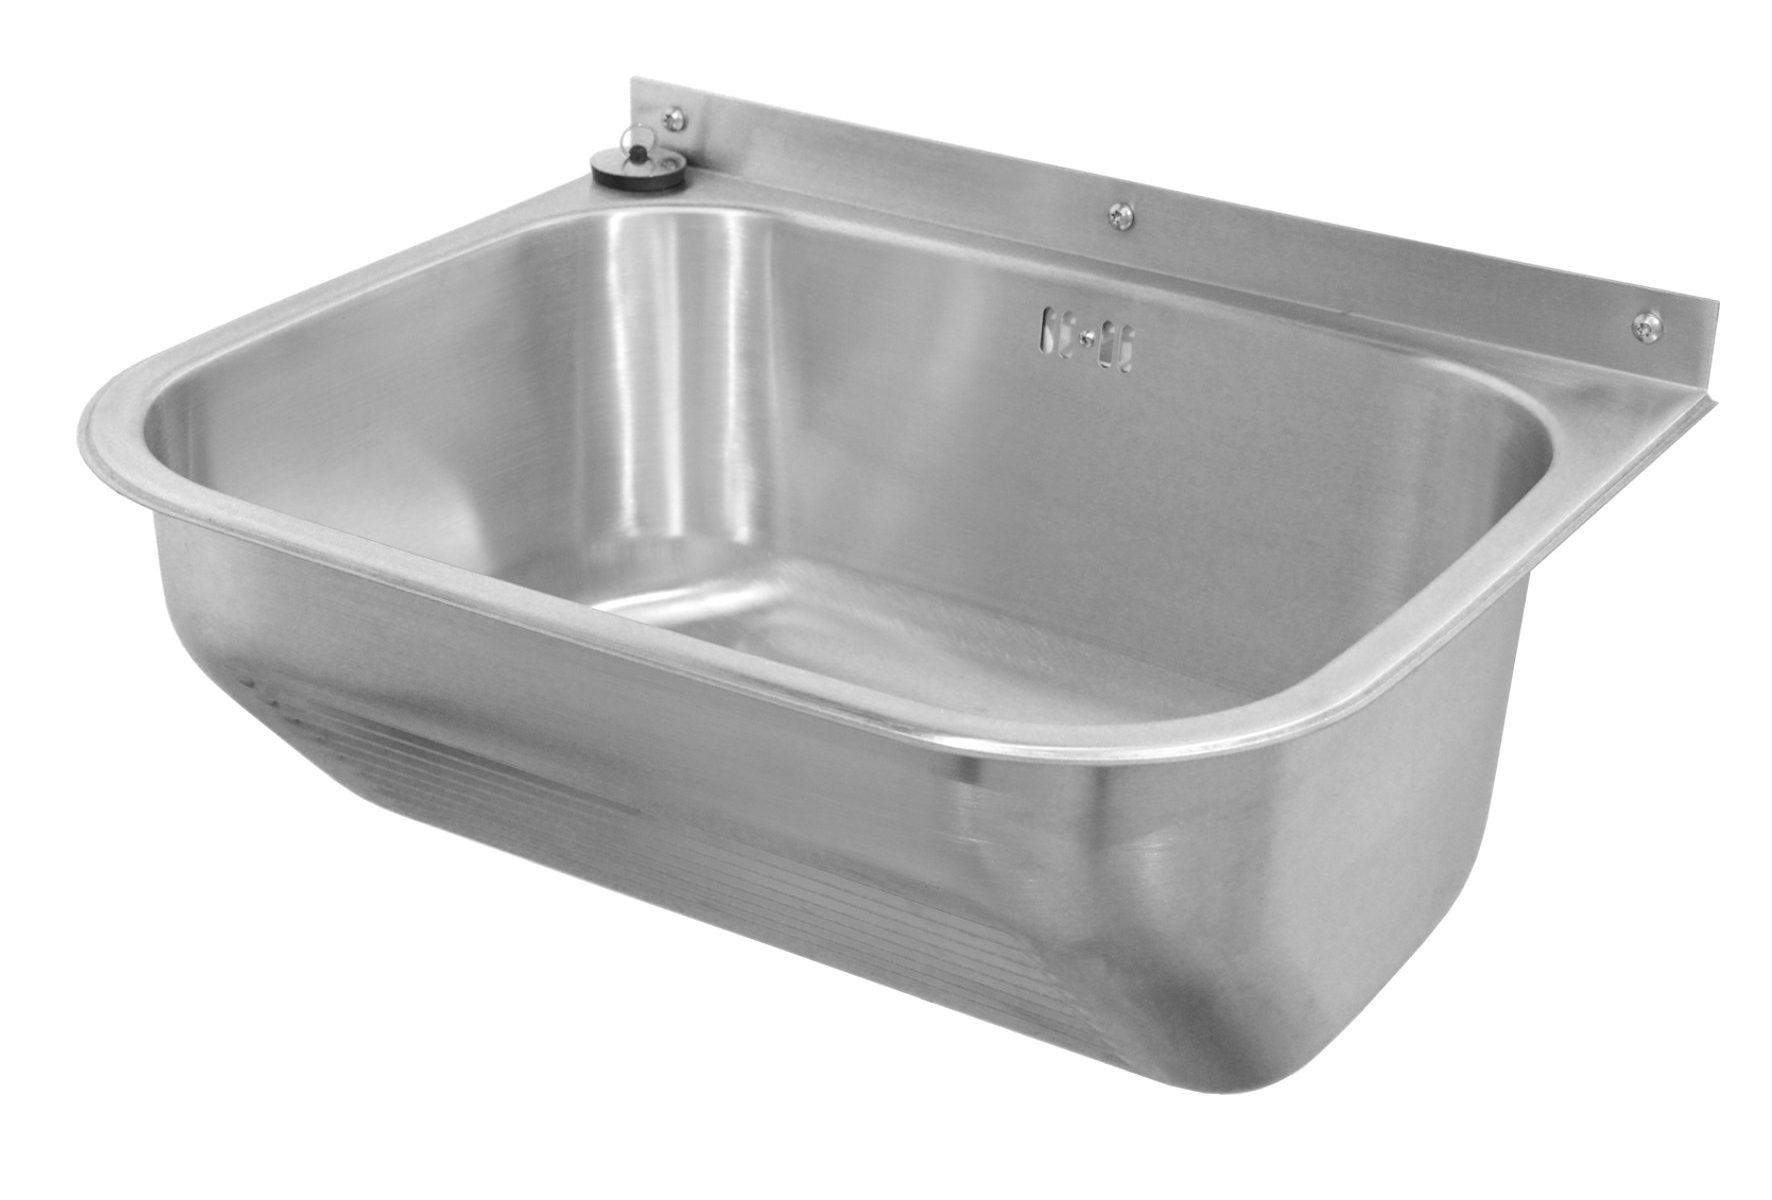 Edelstahl Waschtrog SOLID 550x450 HE355001